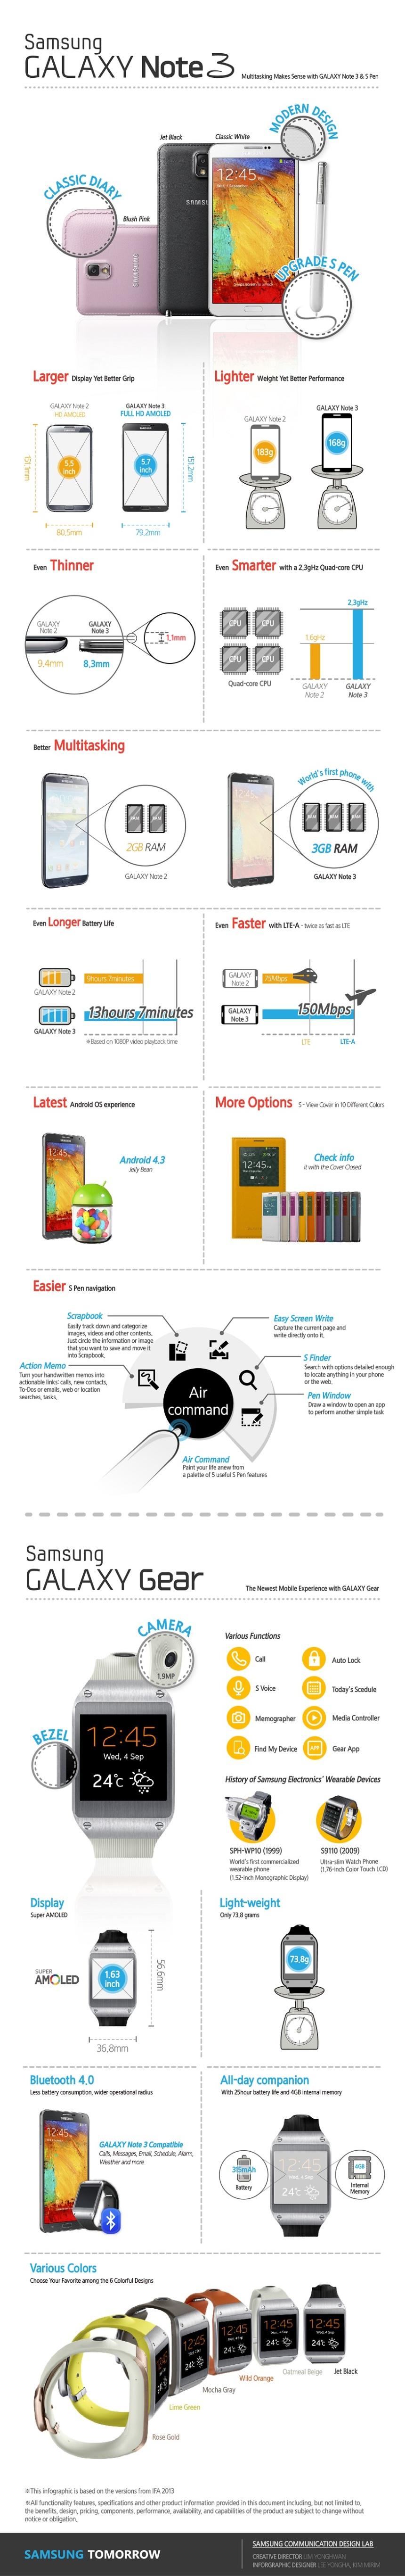 Samsung Galaxy Note & Galaxy Gear